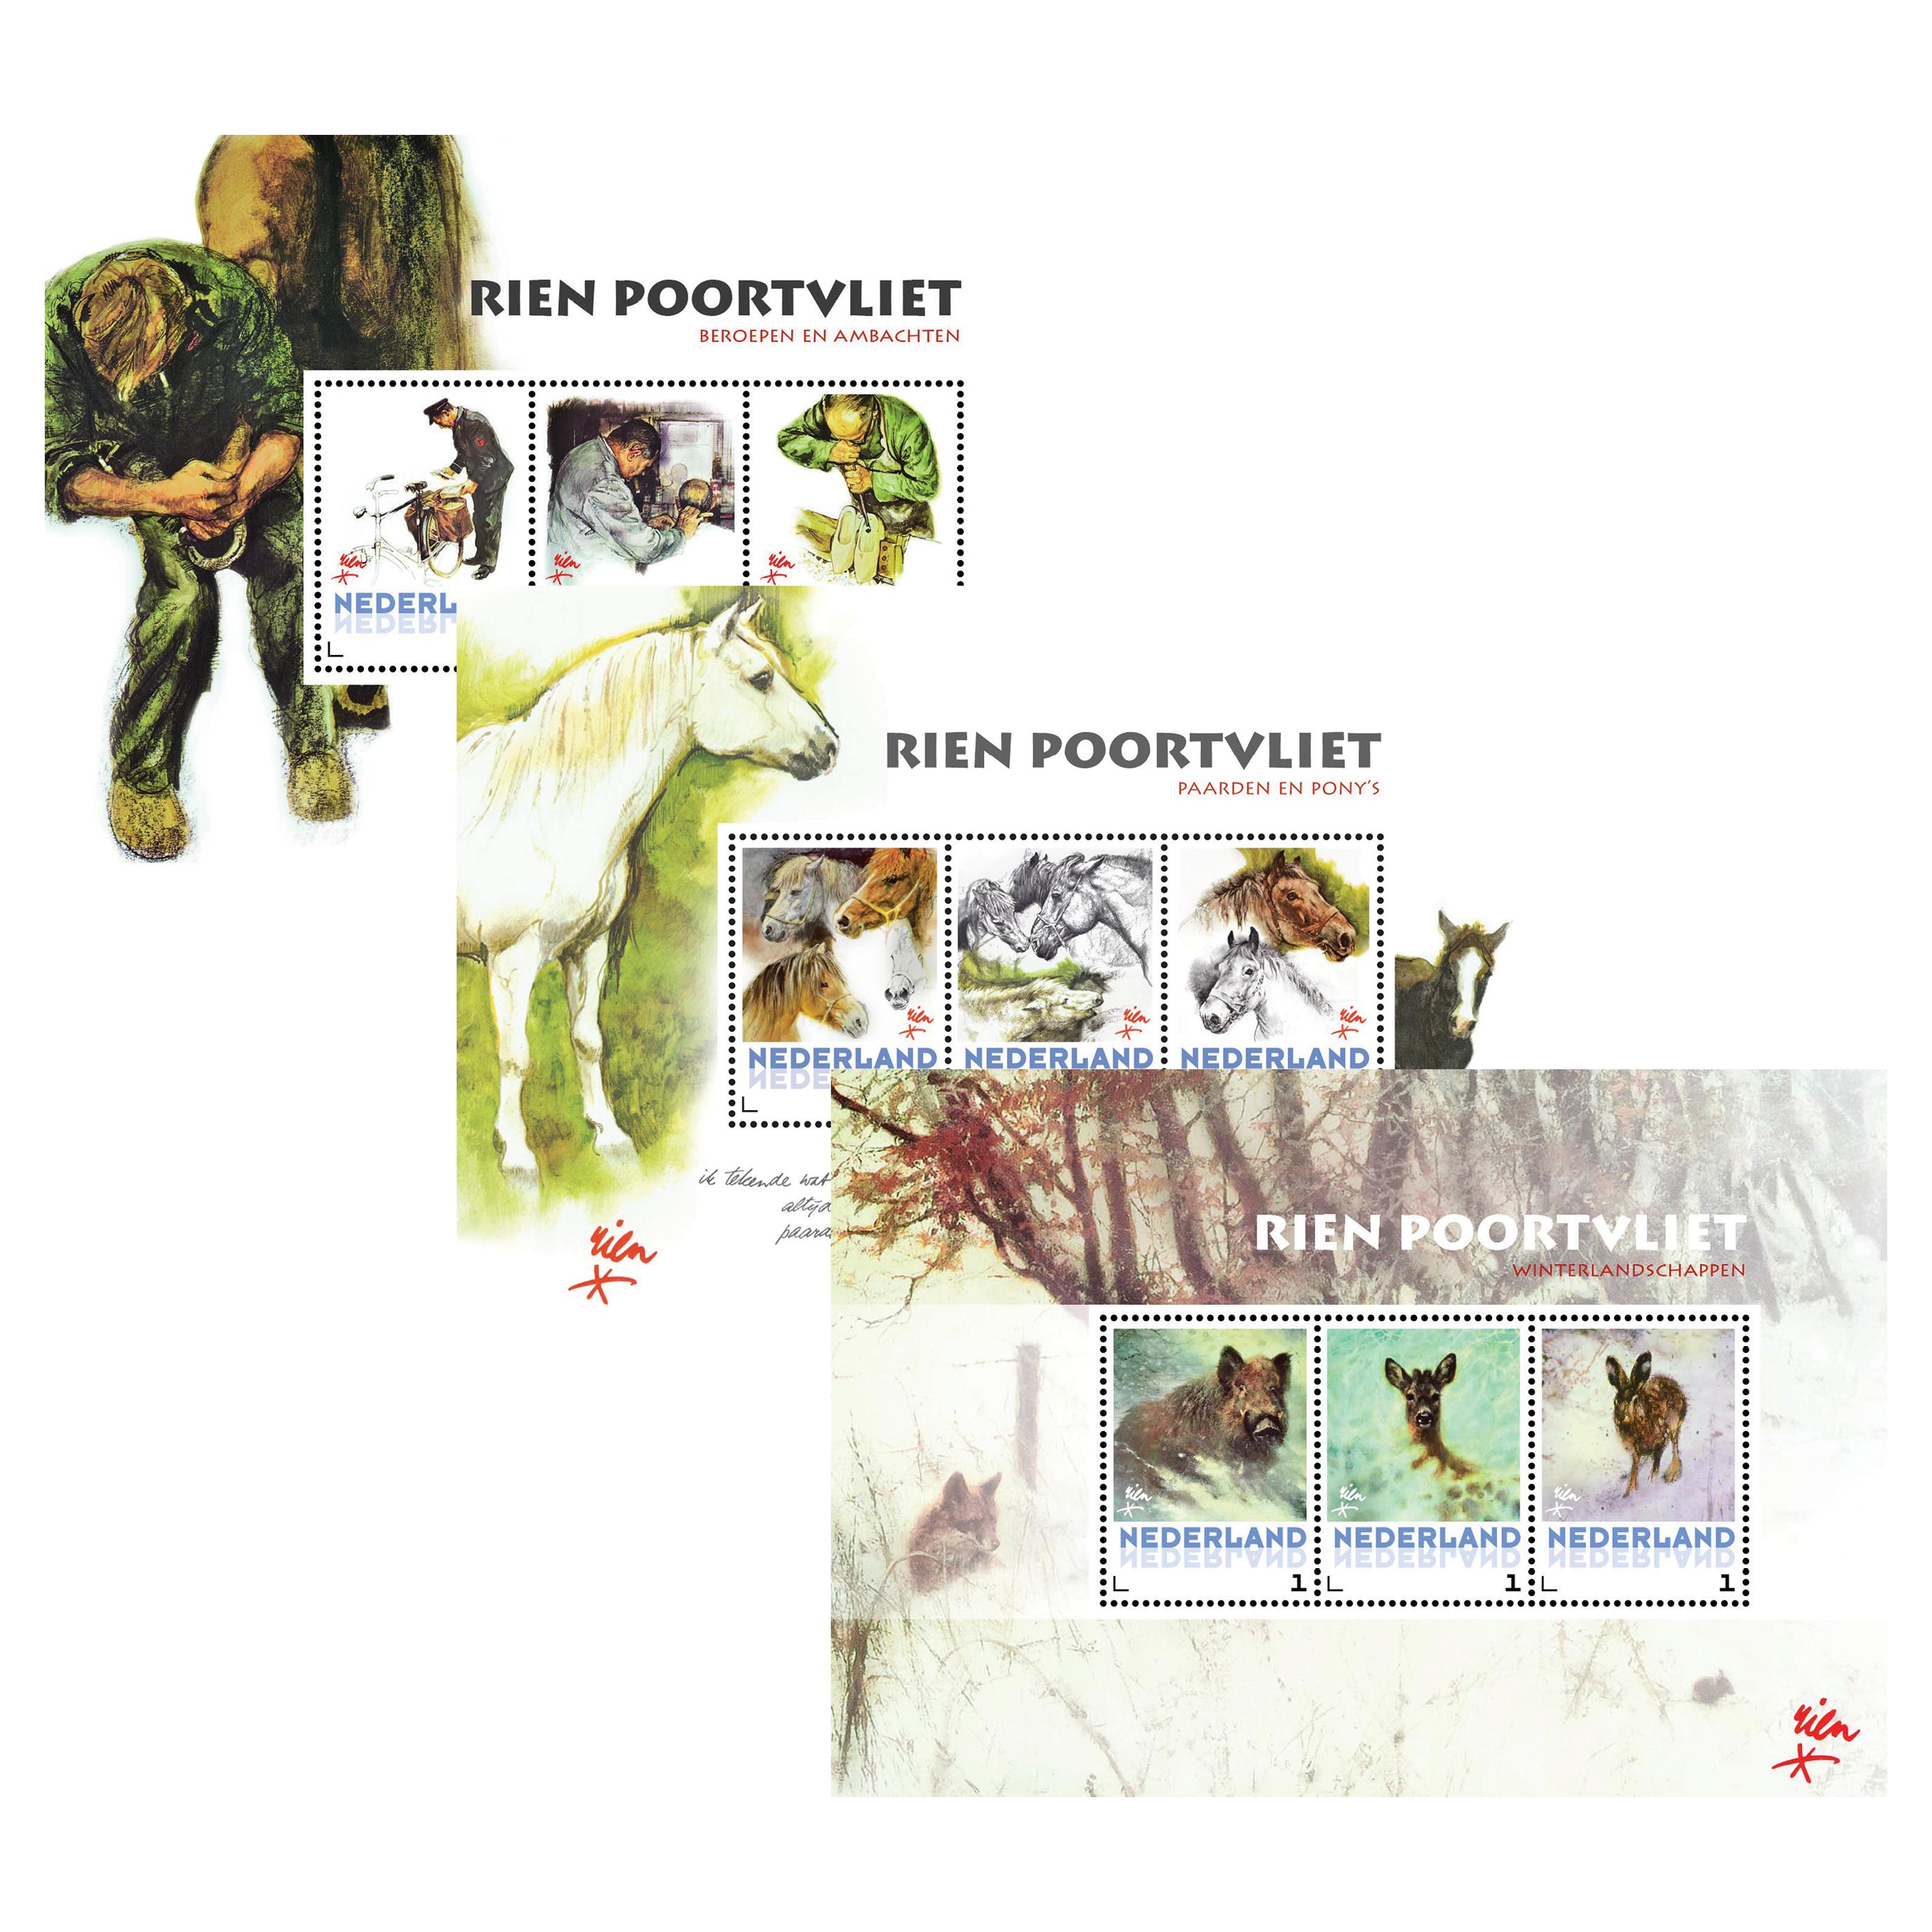 Rien Poortvliet - postzegels post.nl - Orange Licensing